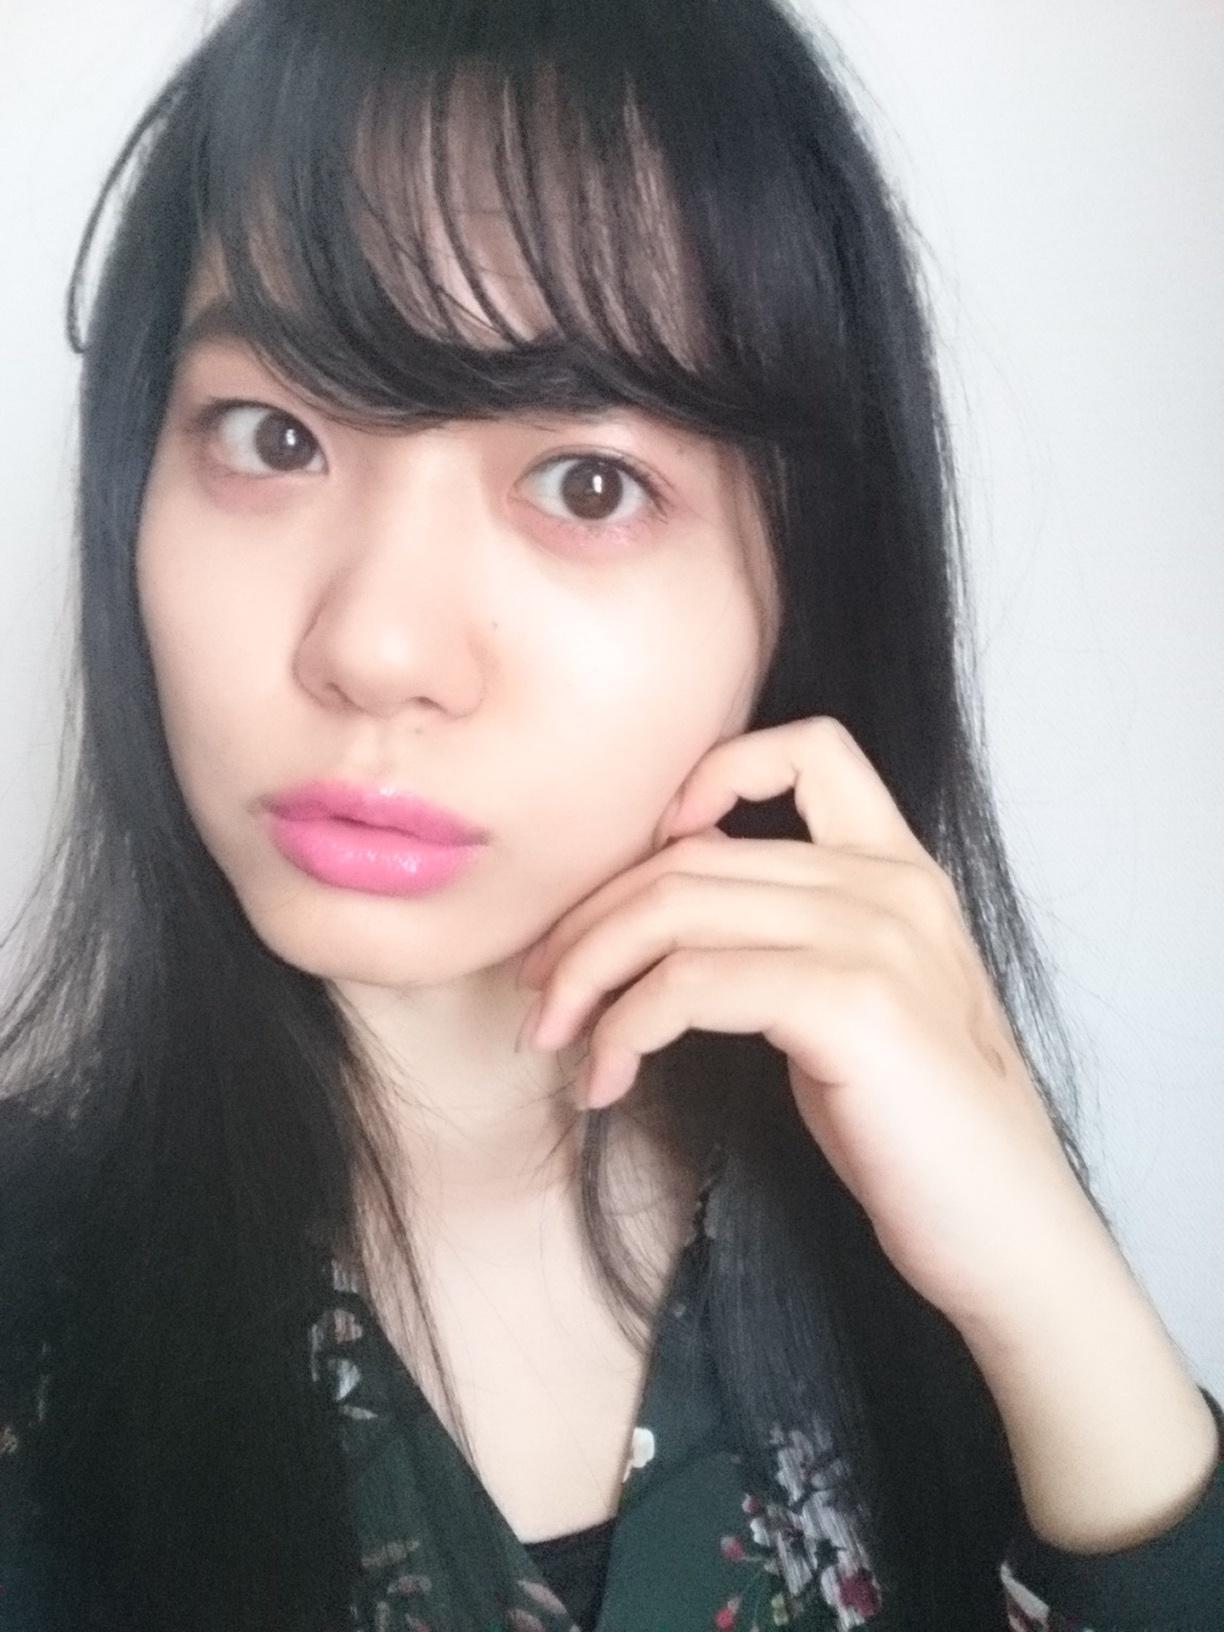 【春メイク】新作&新色 春コスメを使った桜ピンクメイクアップ♡_1